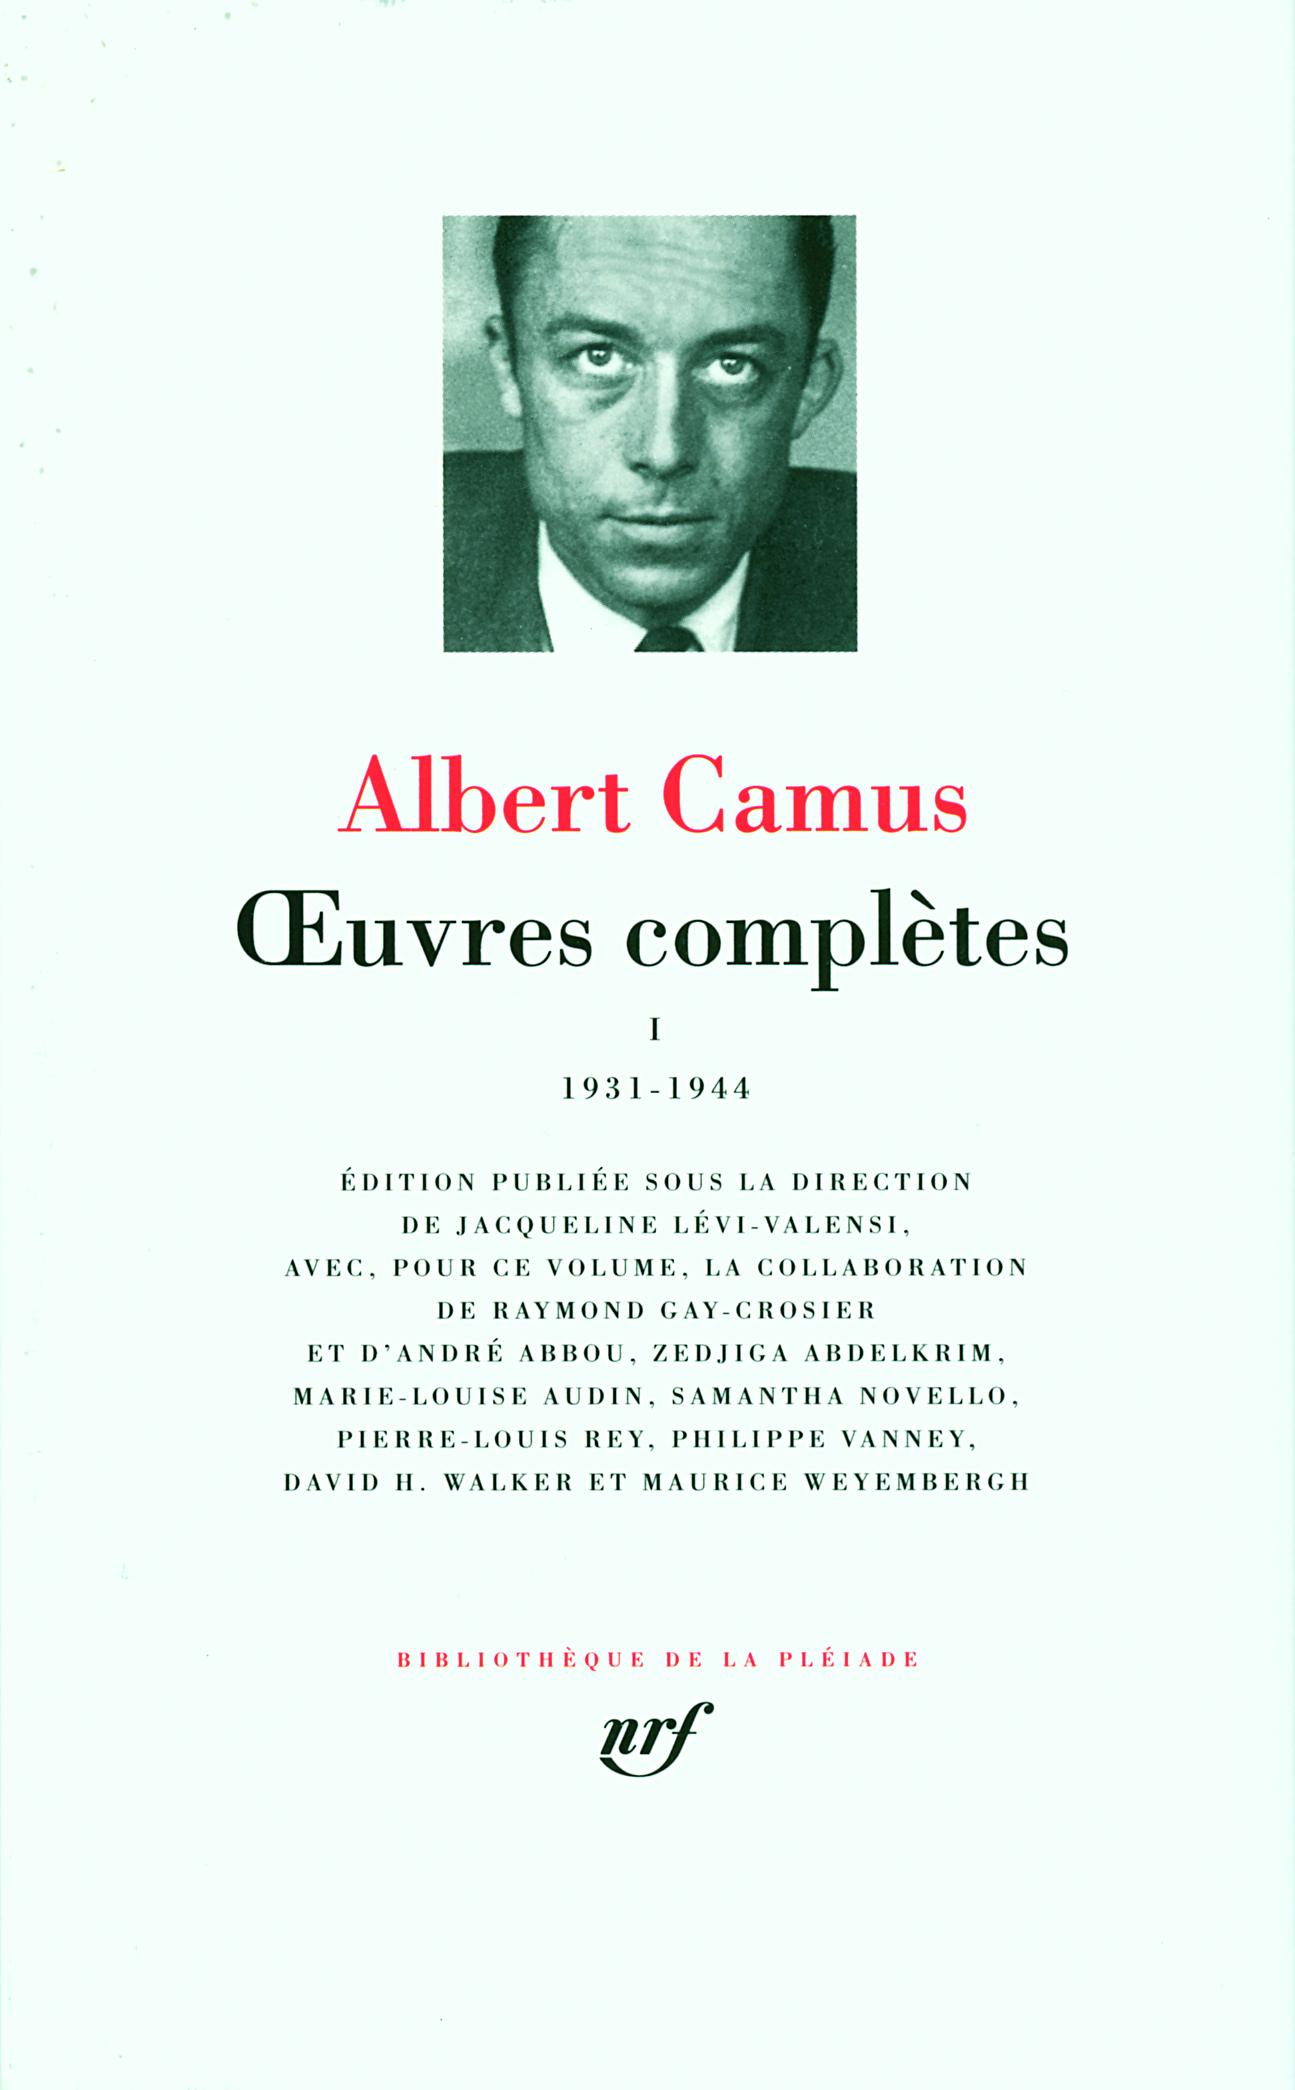 9dd8b087619 Œuvres complètes - Bibliothèque de la Pléiade - GALLIMARD - Site ...